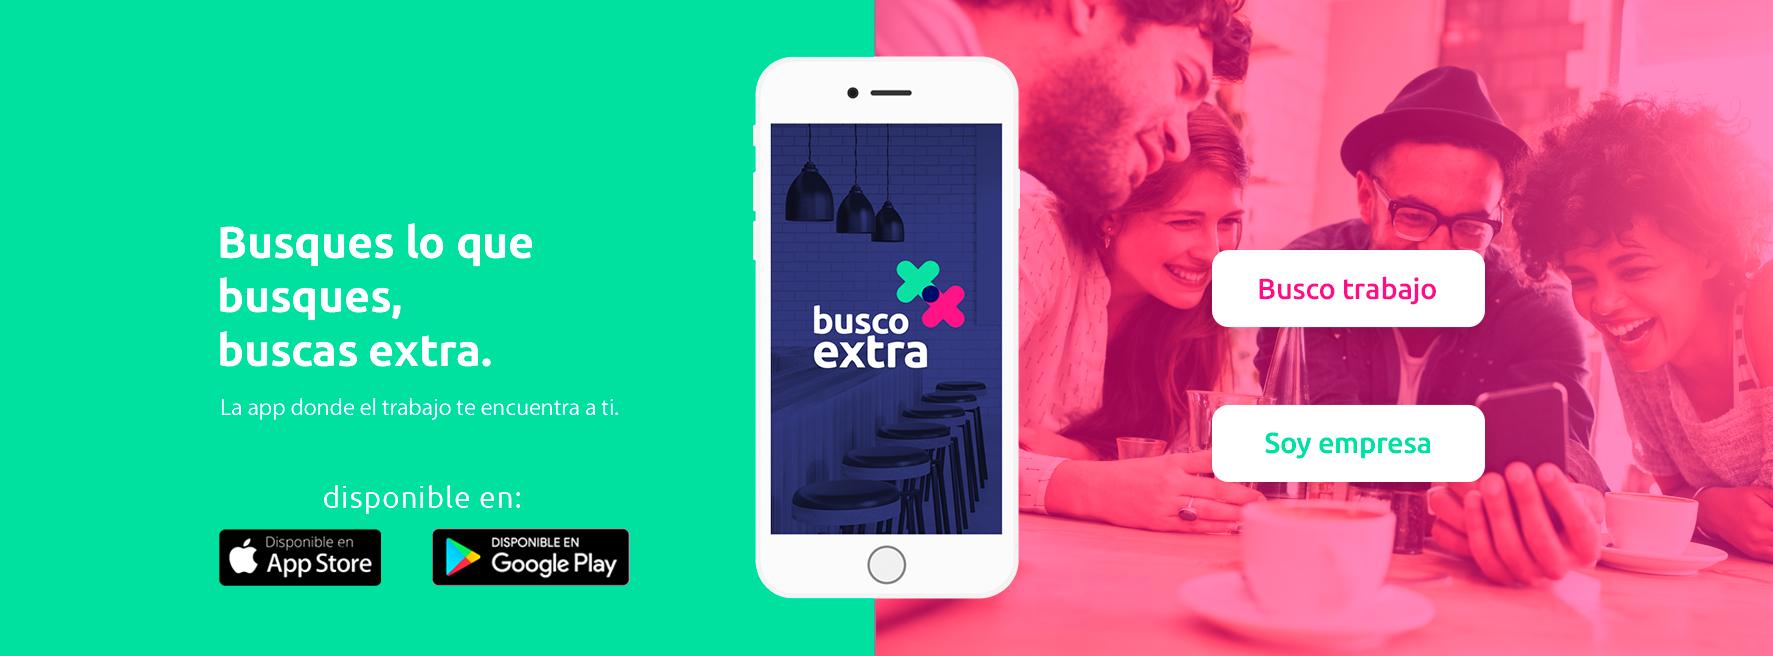 busco-extra-app-hosteleria-camarero